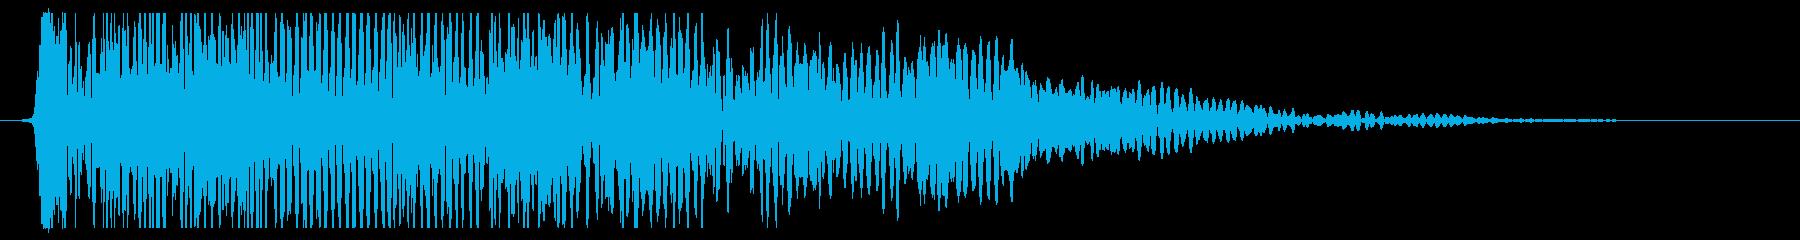 中エネルギーエネルギー爆発、トーナ...の再生済みの波形